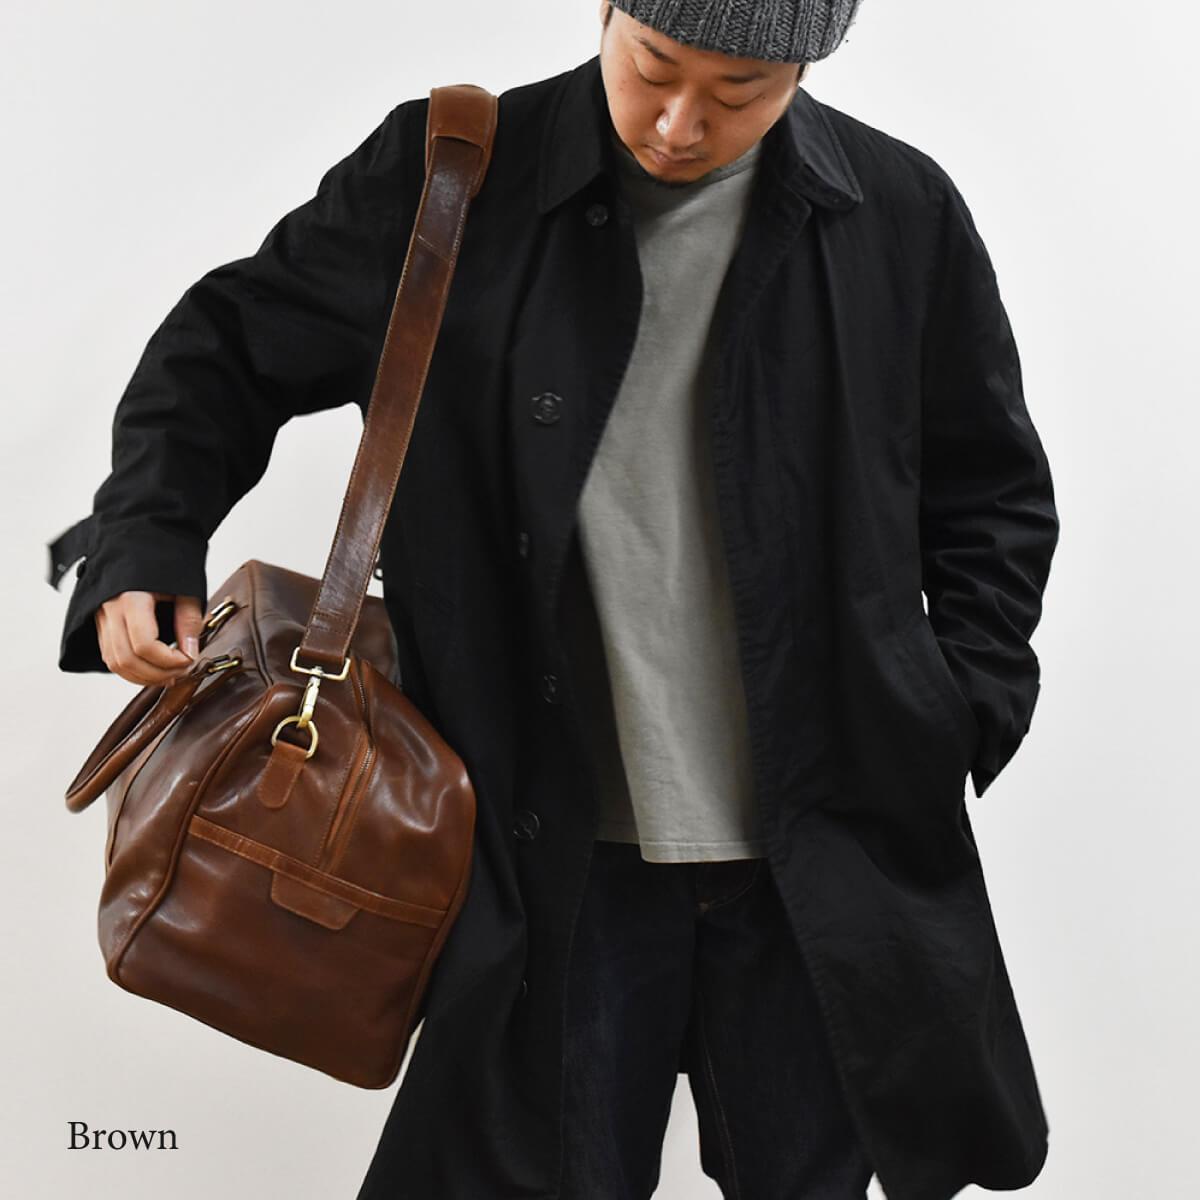 ボストンバッグ 本革 Brown ショルダーストラップ ゴルフバッグ